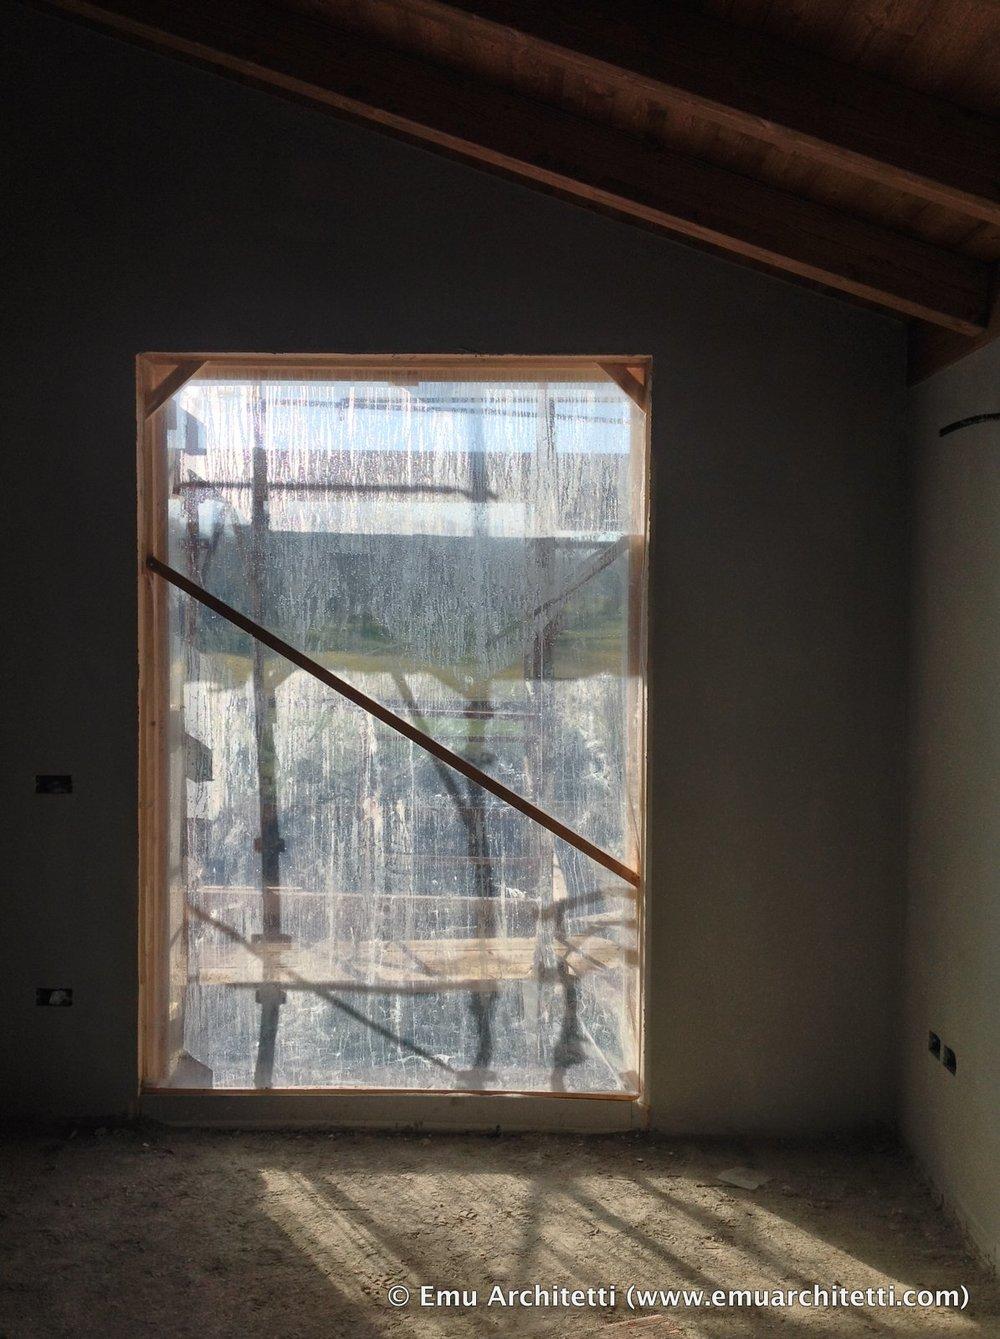 conte-re-emu-architetti-dec-13-2013-11-26-am-41-hdr.jpg